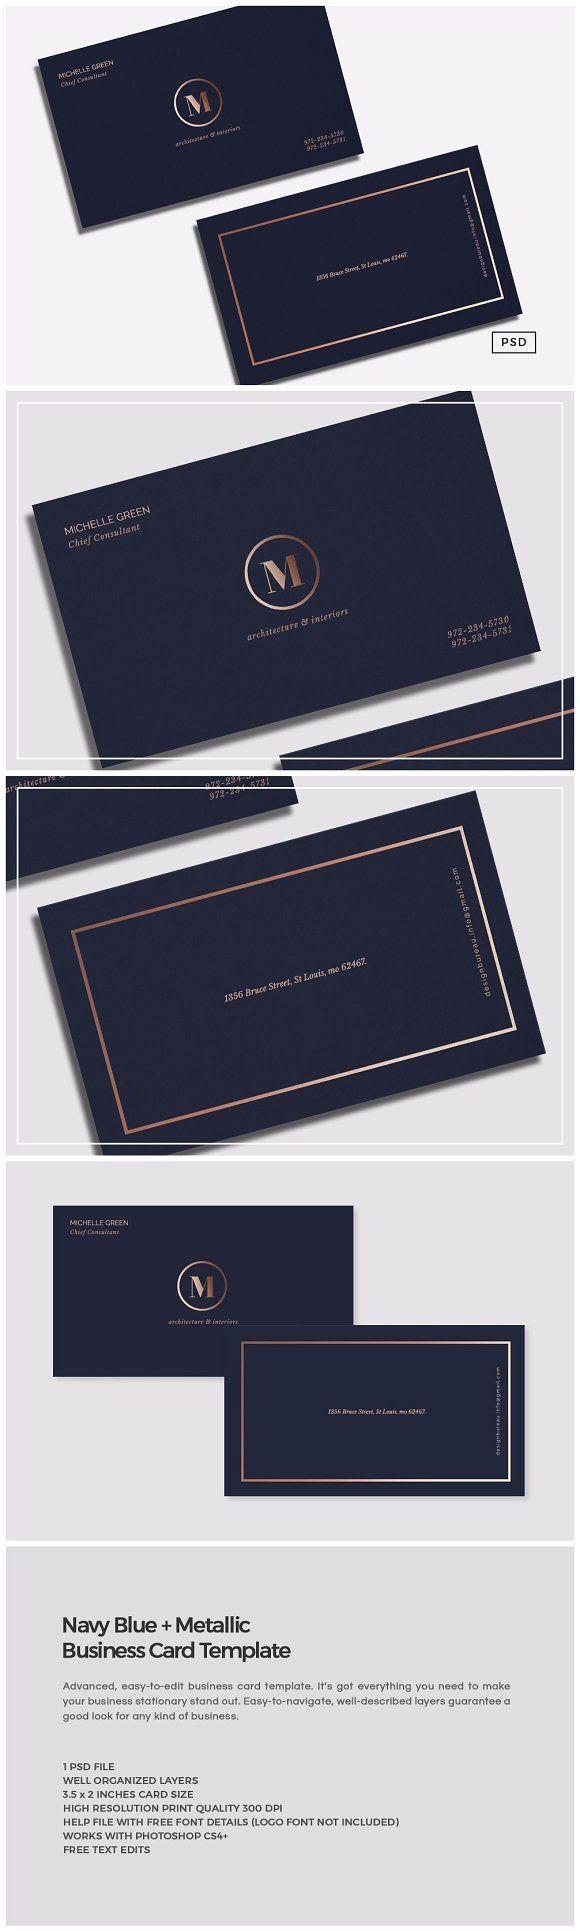 Navy Blue Metallic Business Card Business Card Design Business Design Business Card Logo